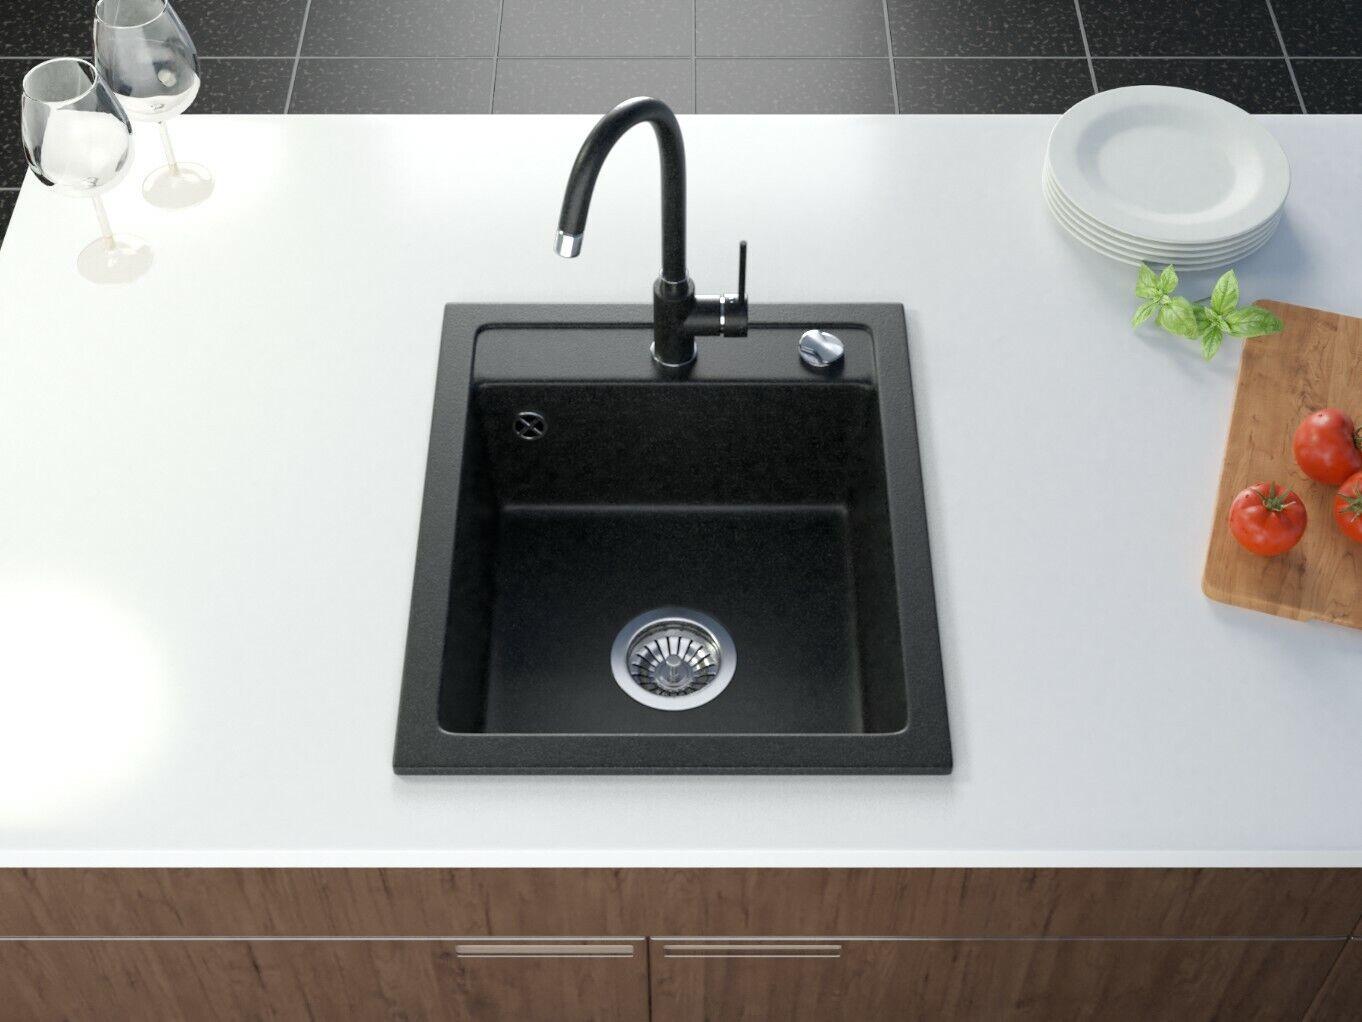 Kuchenspule Granit Schwarz Klein Einbauspule 50x46 Cm Spulbecken Granitspule Ebay